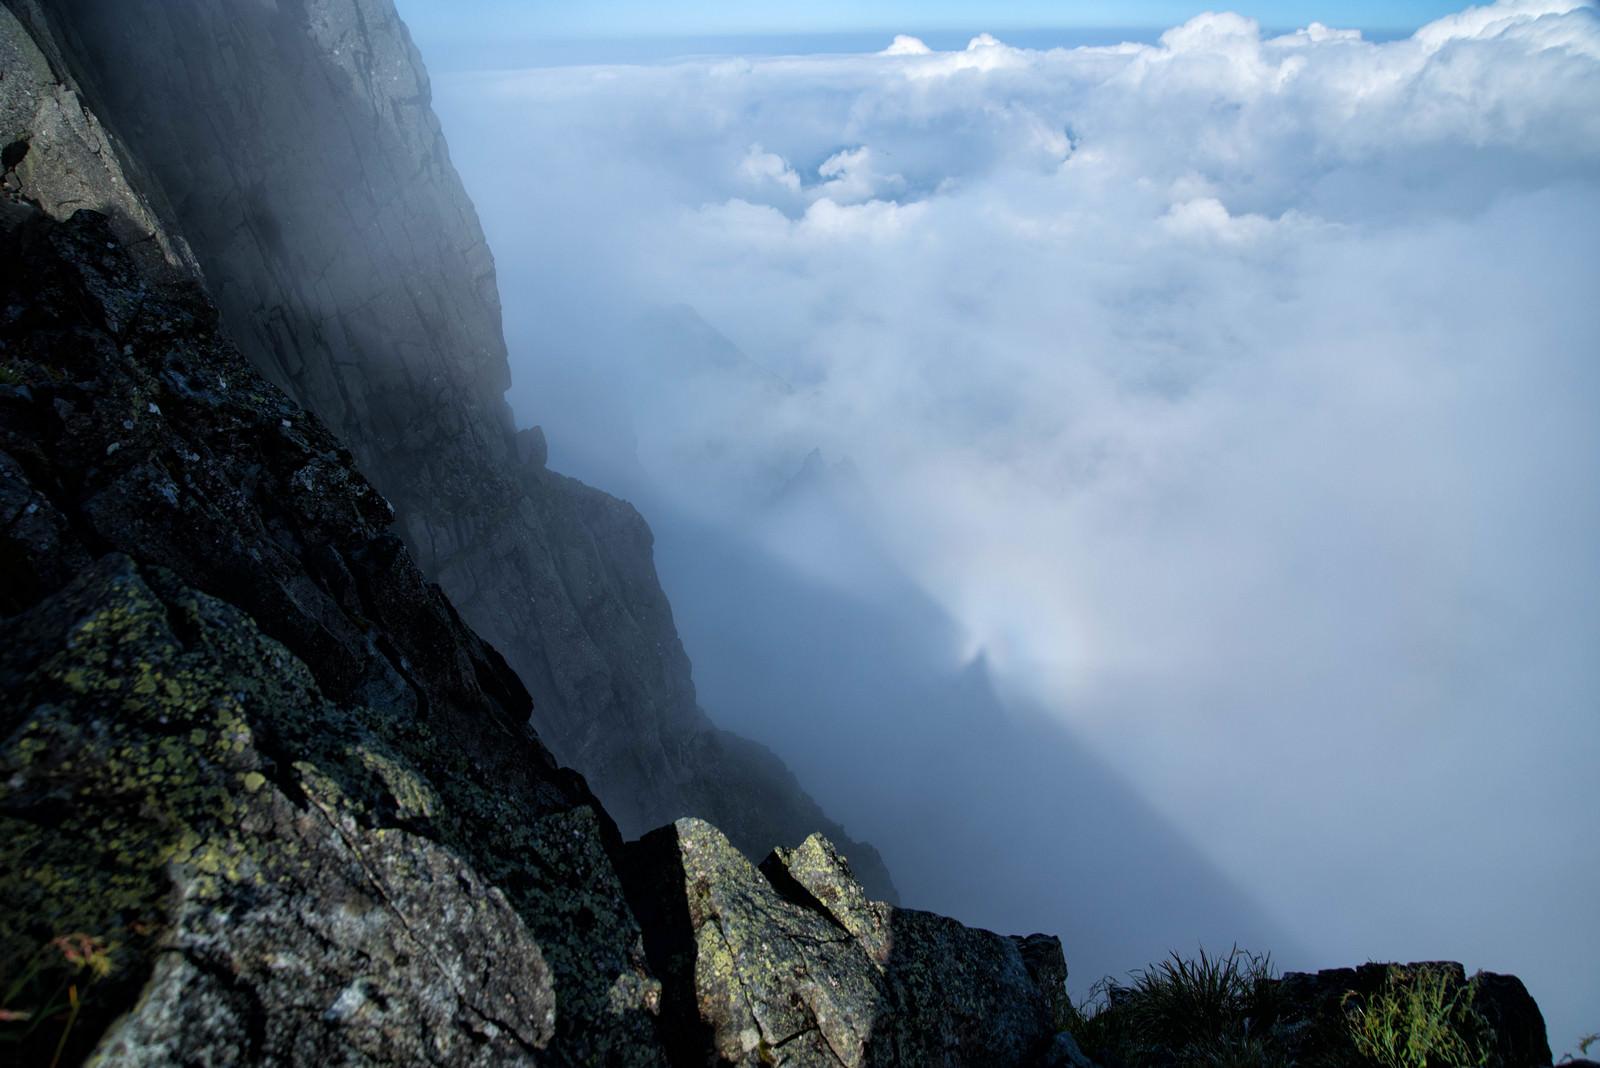 「滝谷の雲に落ちる虹(ブロッケン現象)」の写真